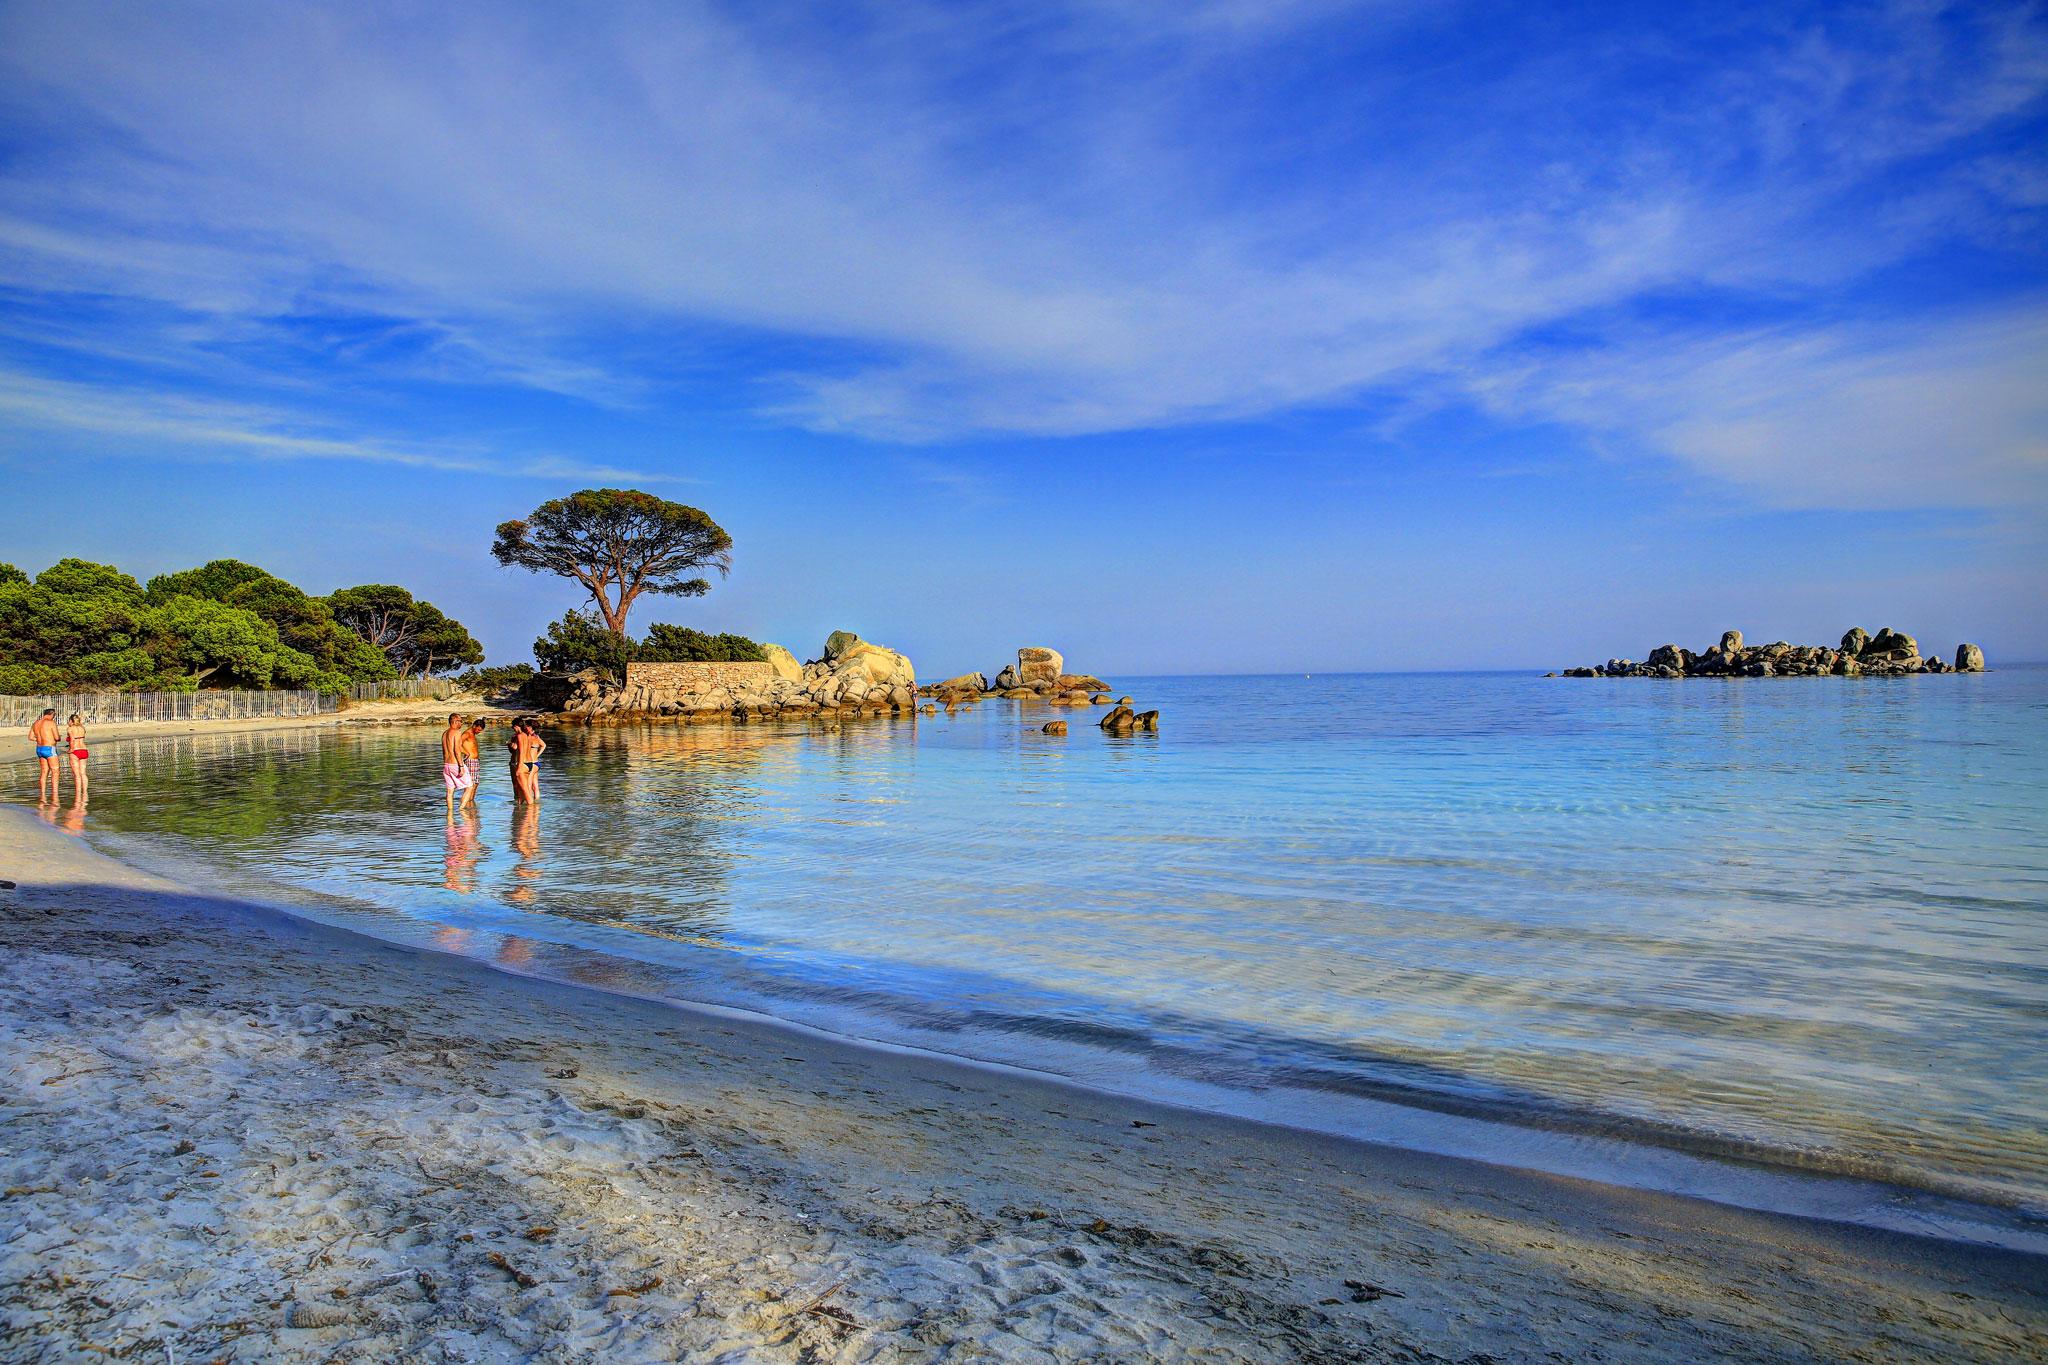 Bay de Tamaricciu, Corsica, France, France